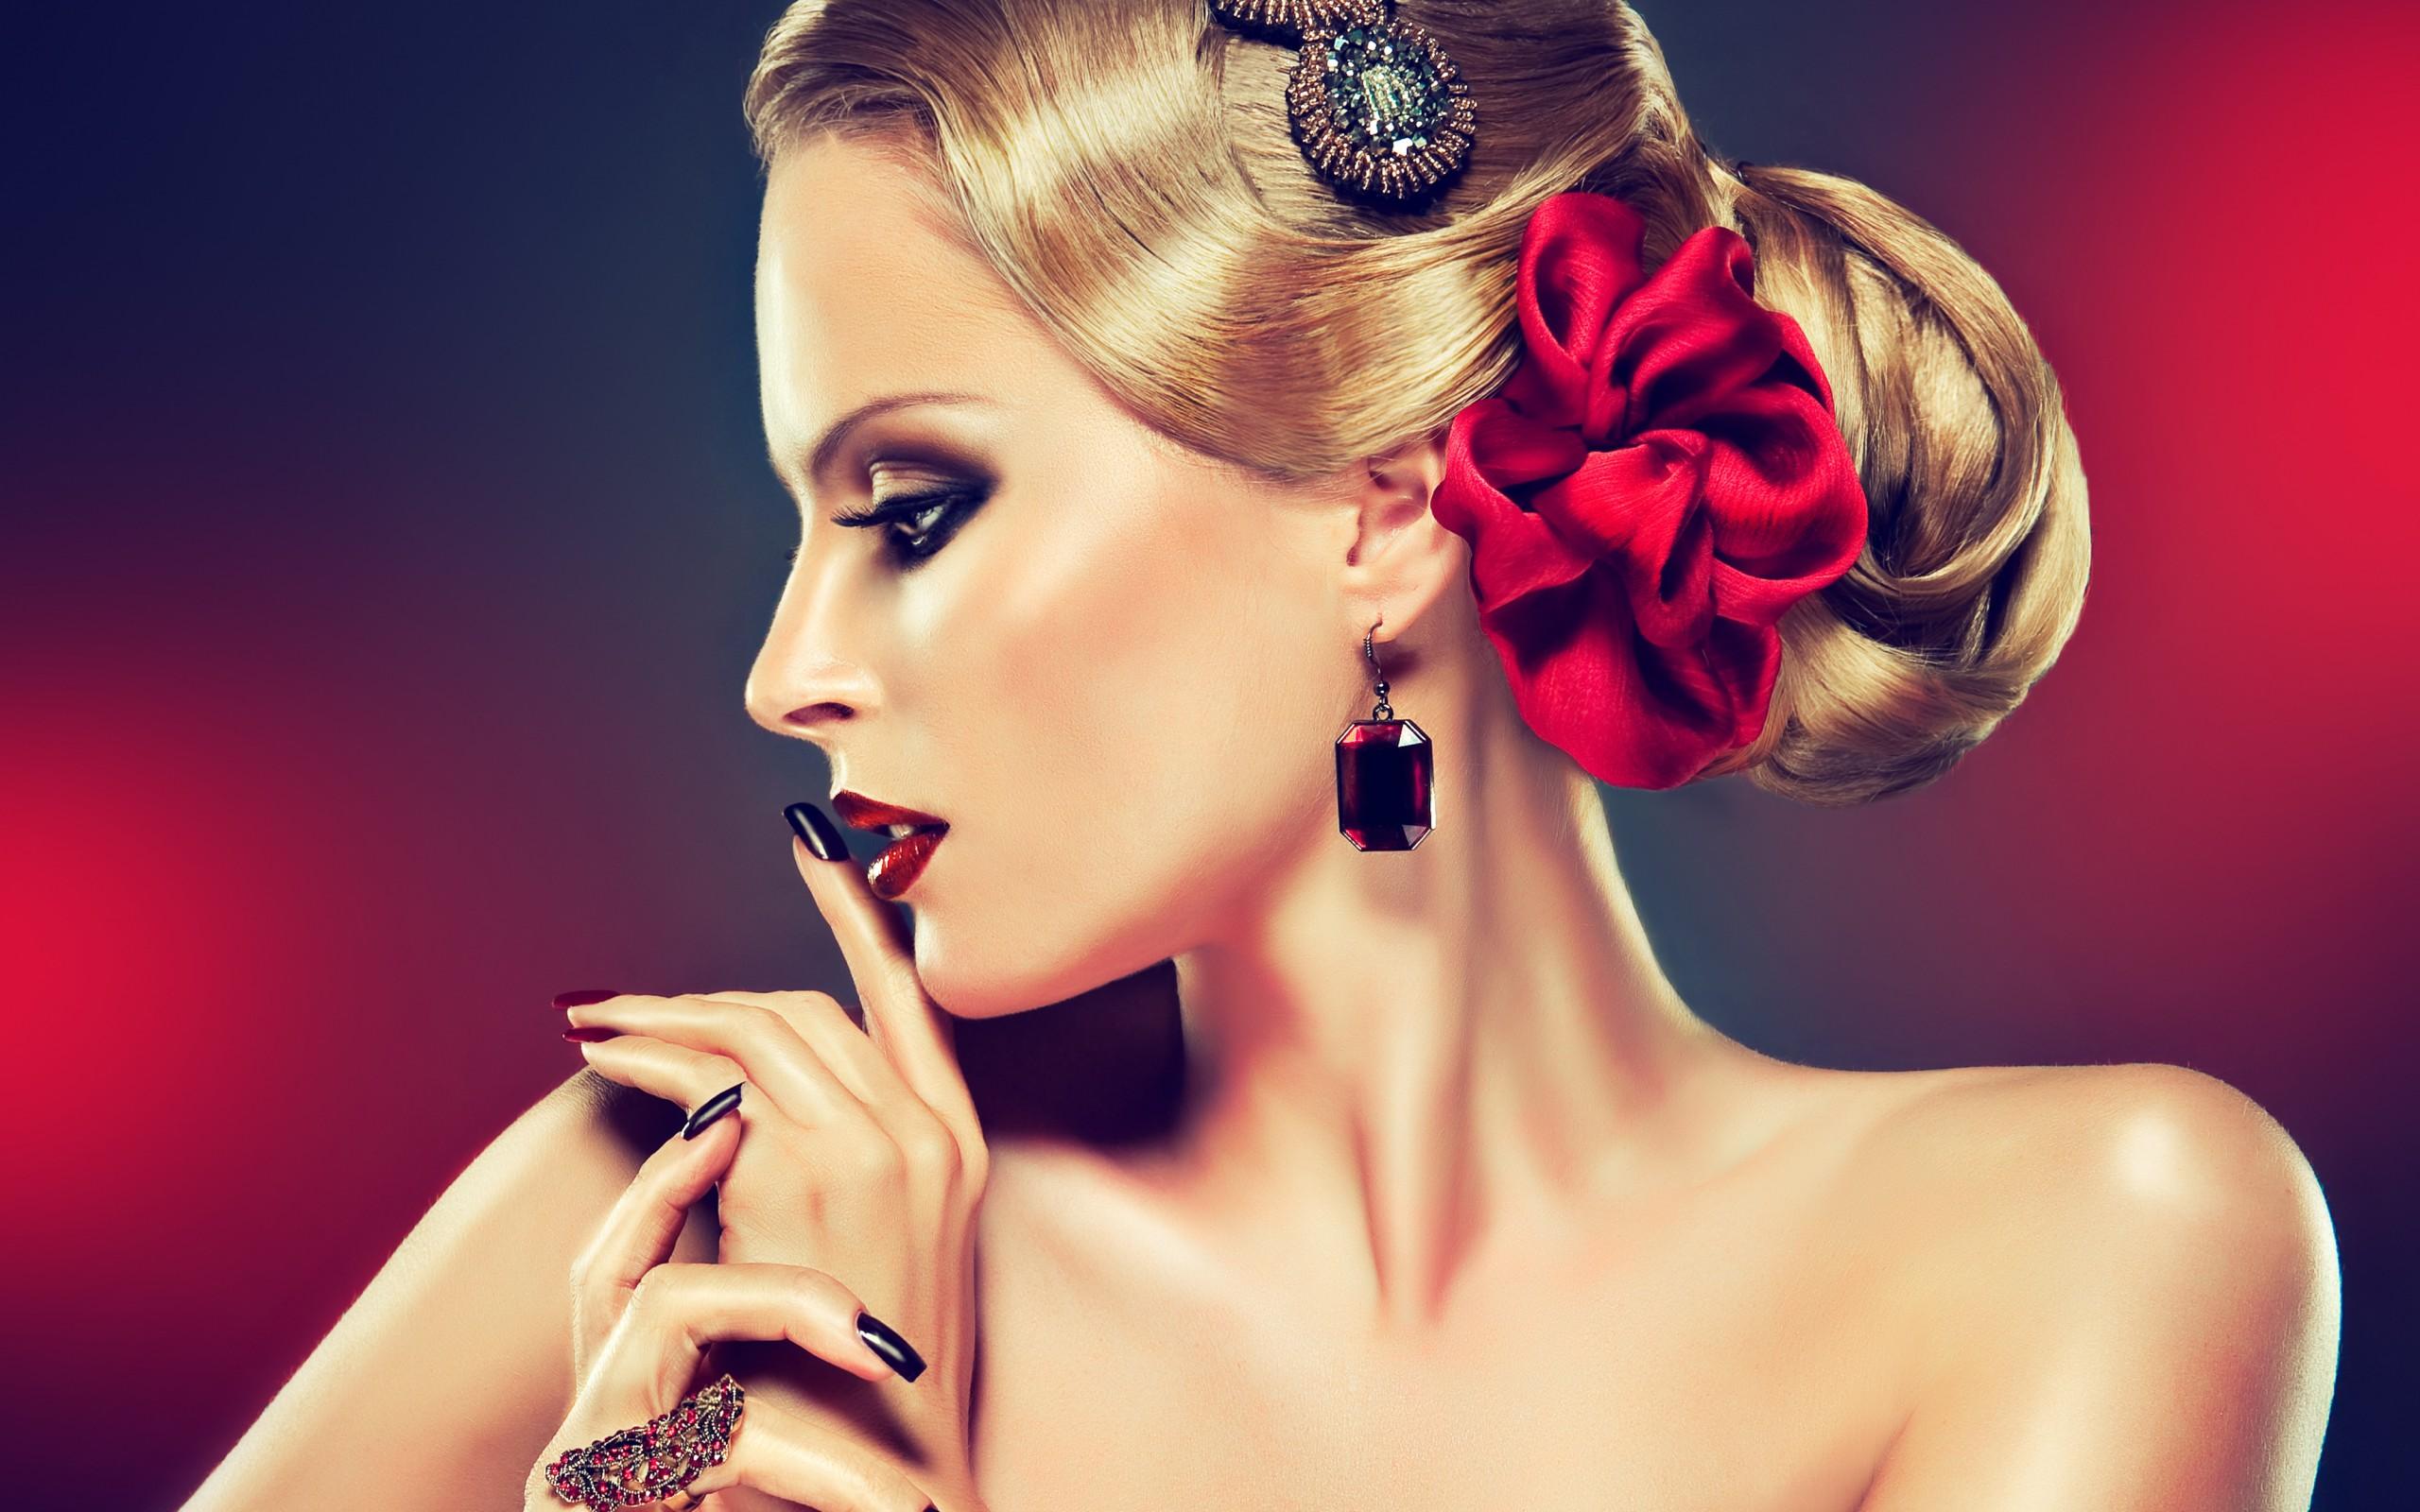 beauty woman wallpaper   2560x1600   65185   wallpaperup